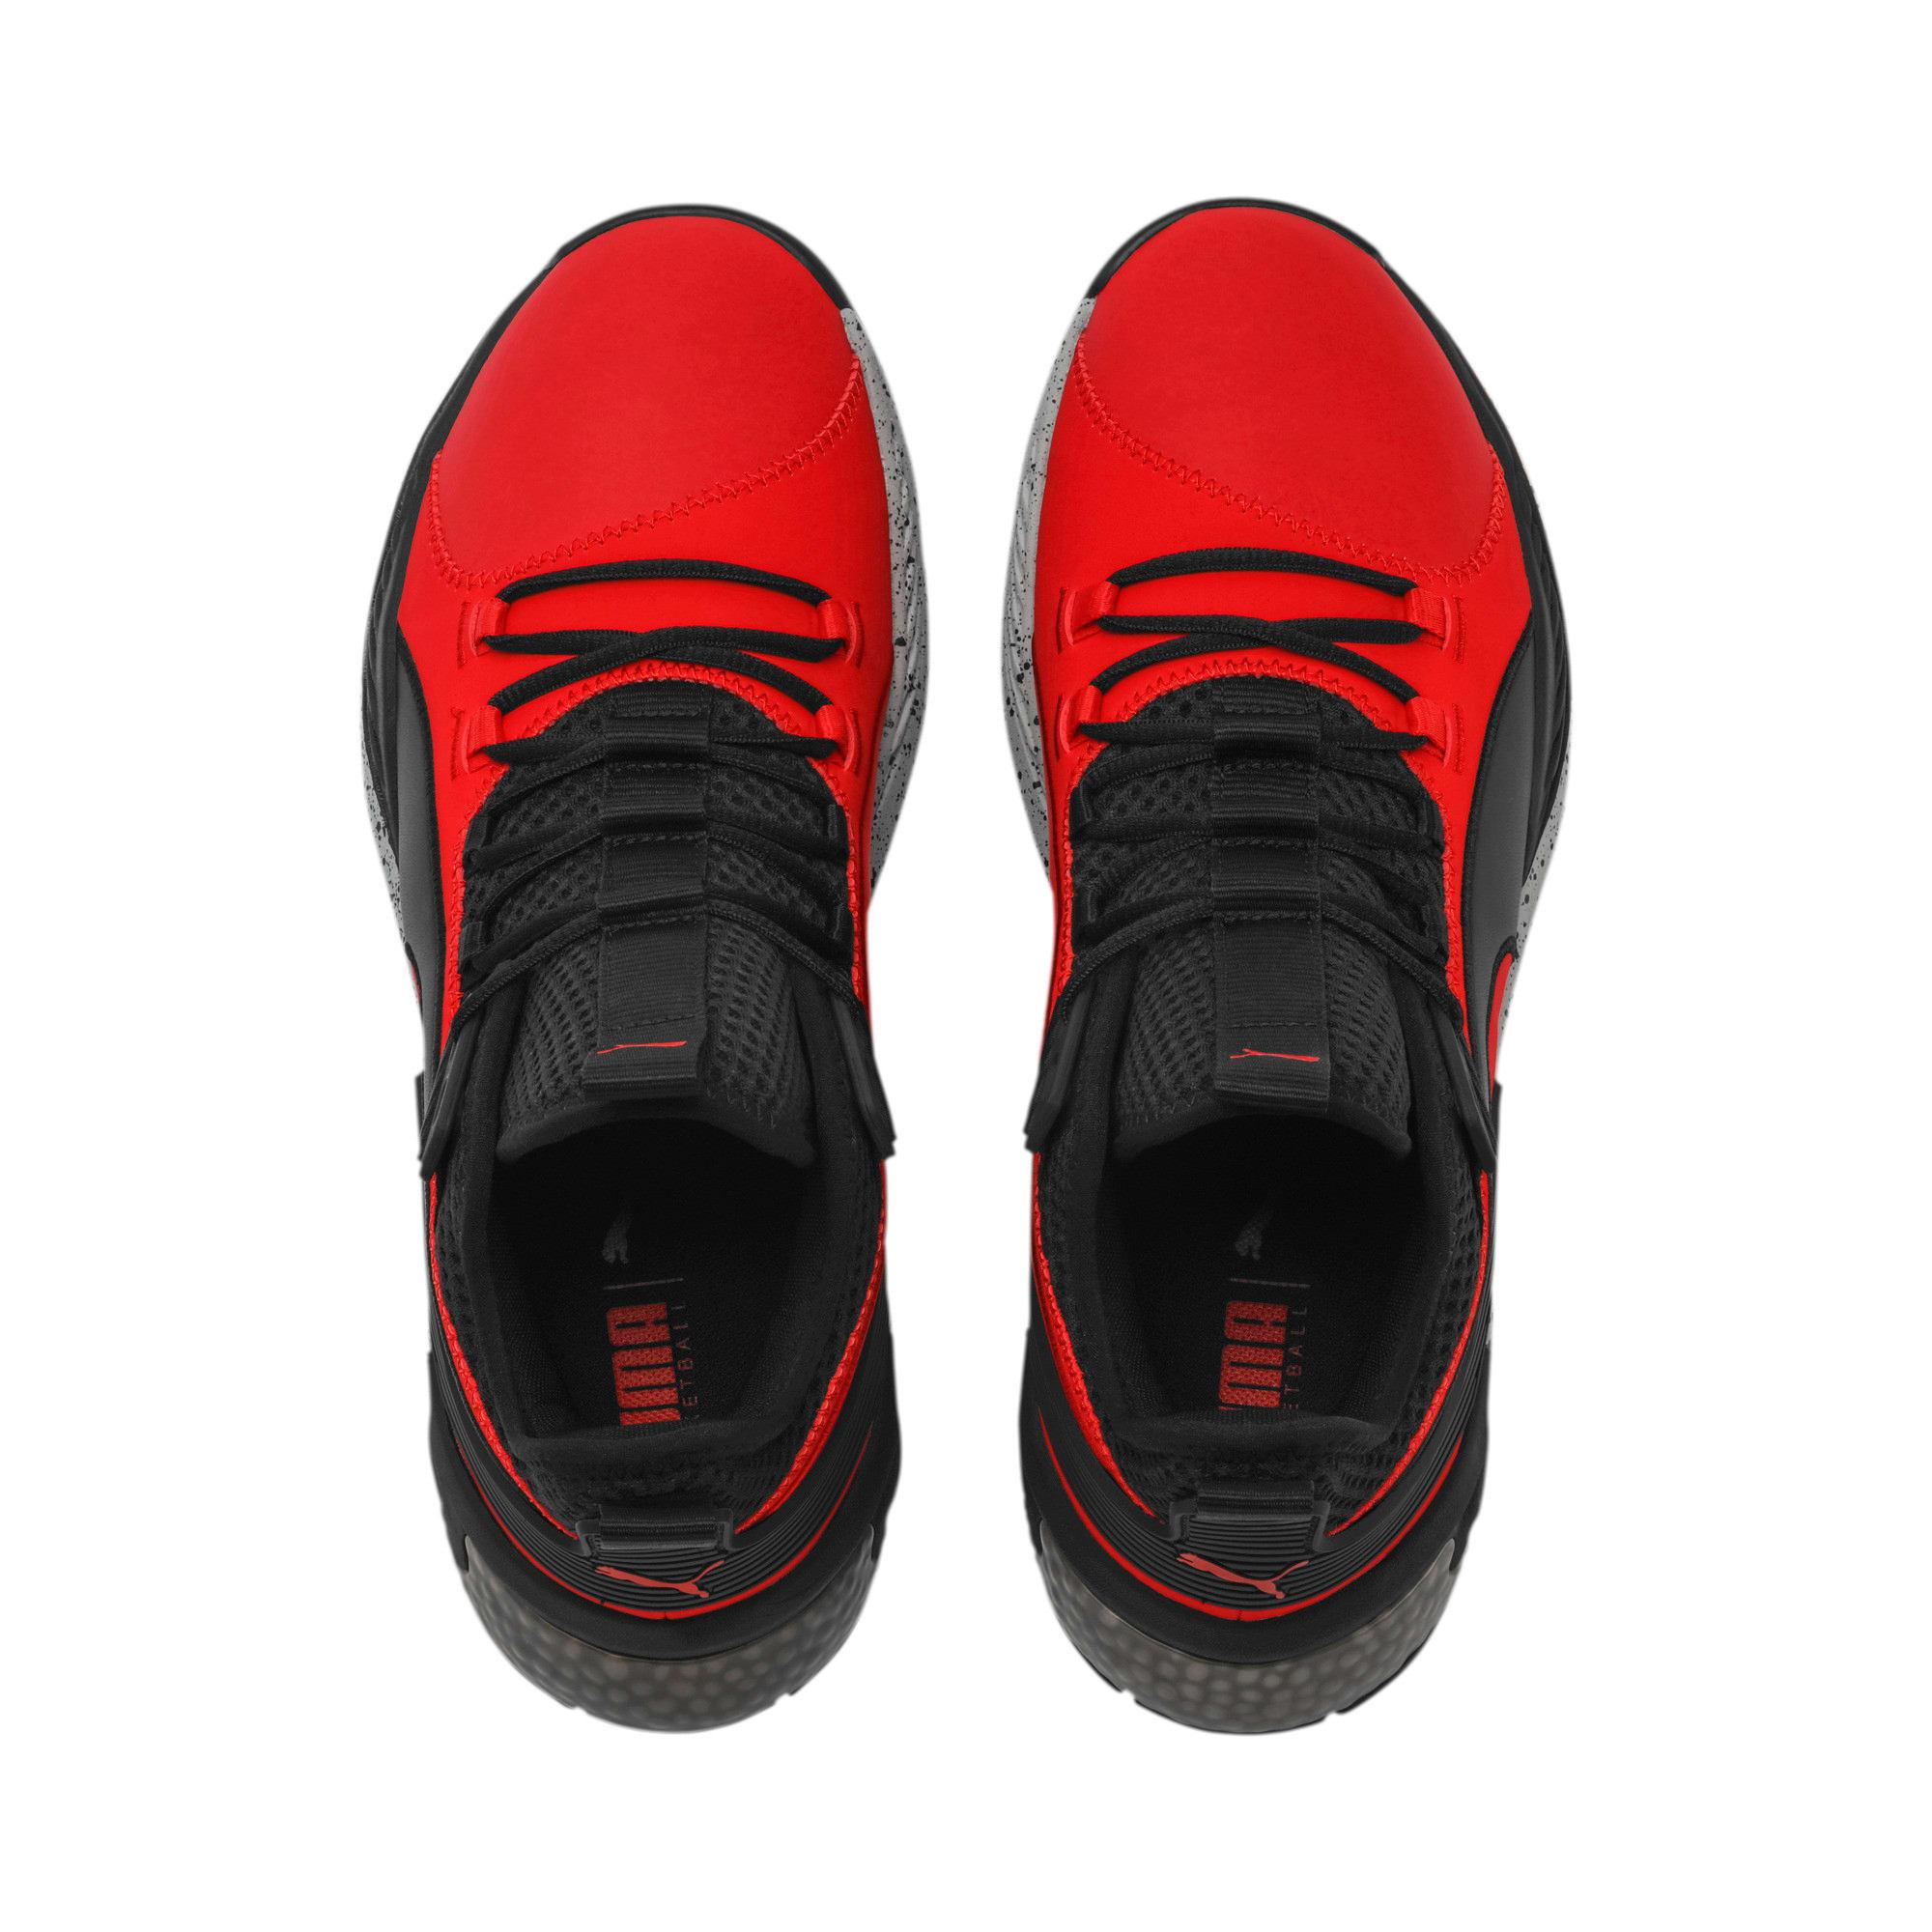 Thumbnail 6 of Uproar Core basketbalschoenen voor heren, High Risk Red-Puma Black, medium